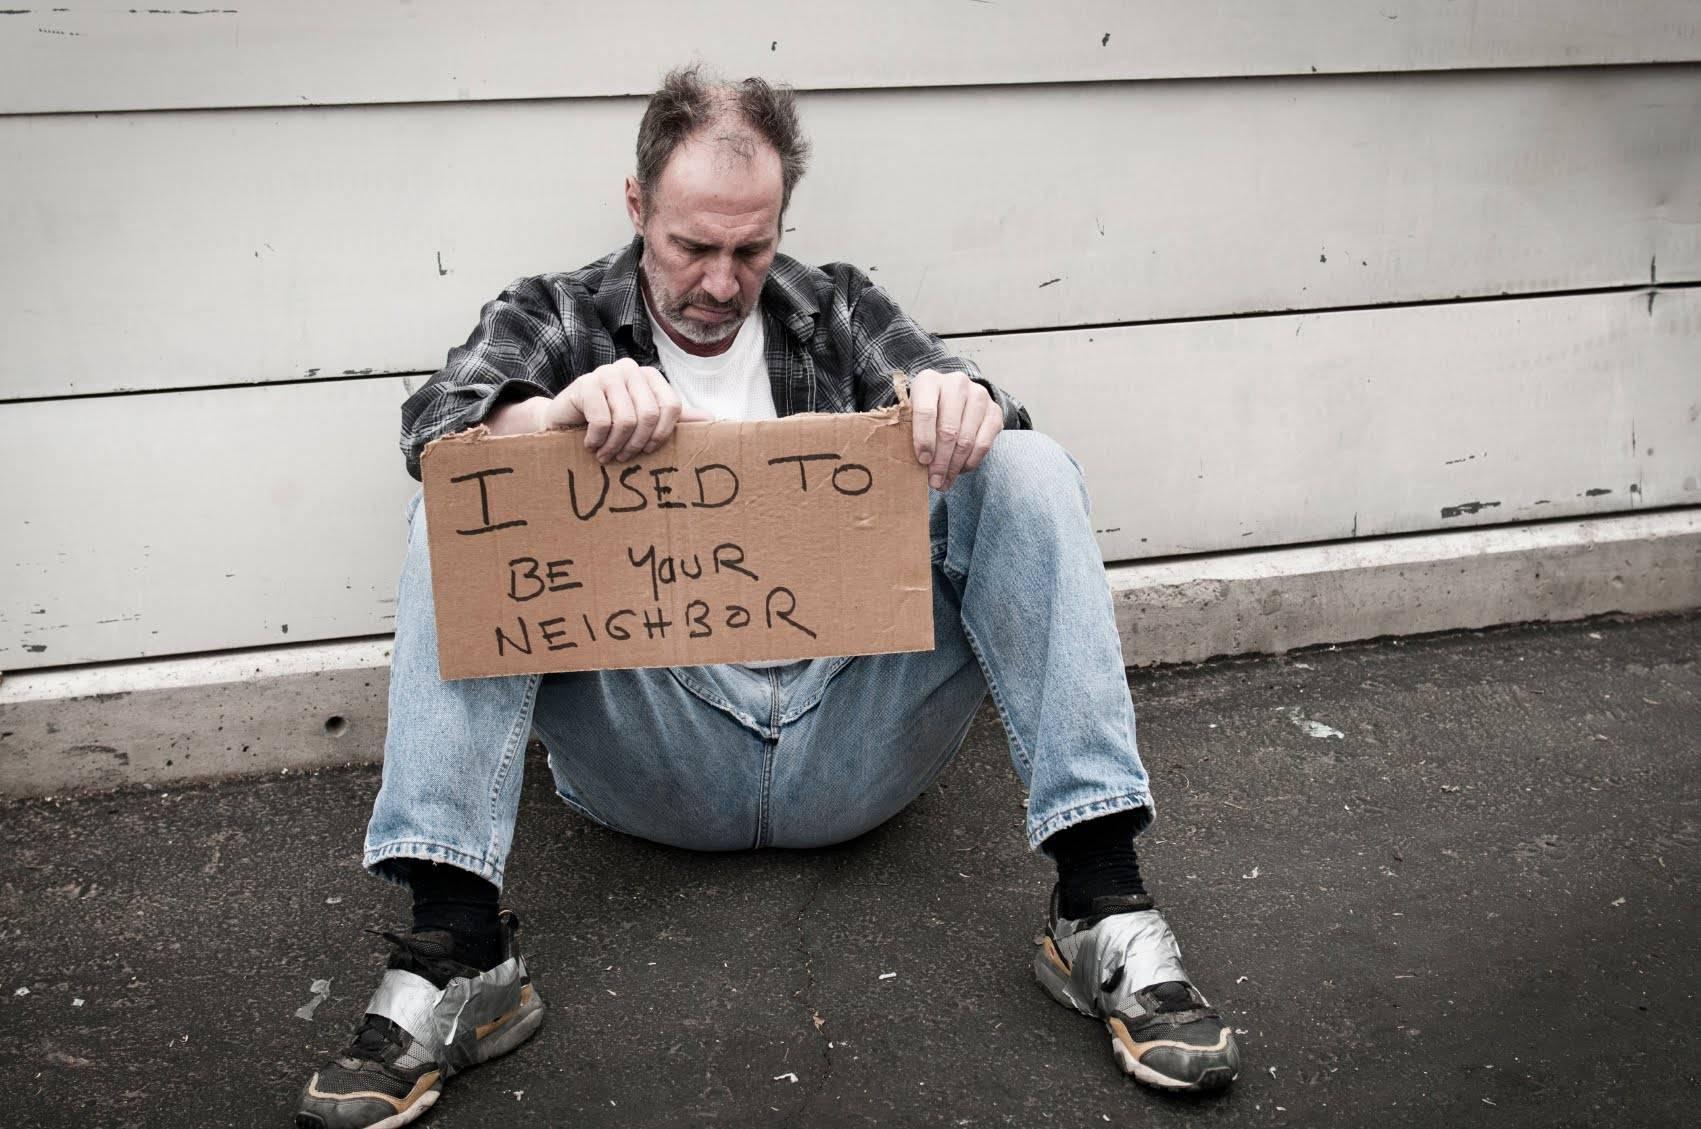 e485f58717667c826a46_dc5391c3bfd85a5906ff_homeless.jpg